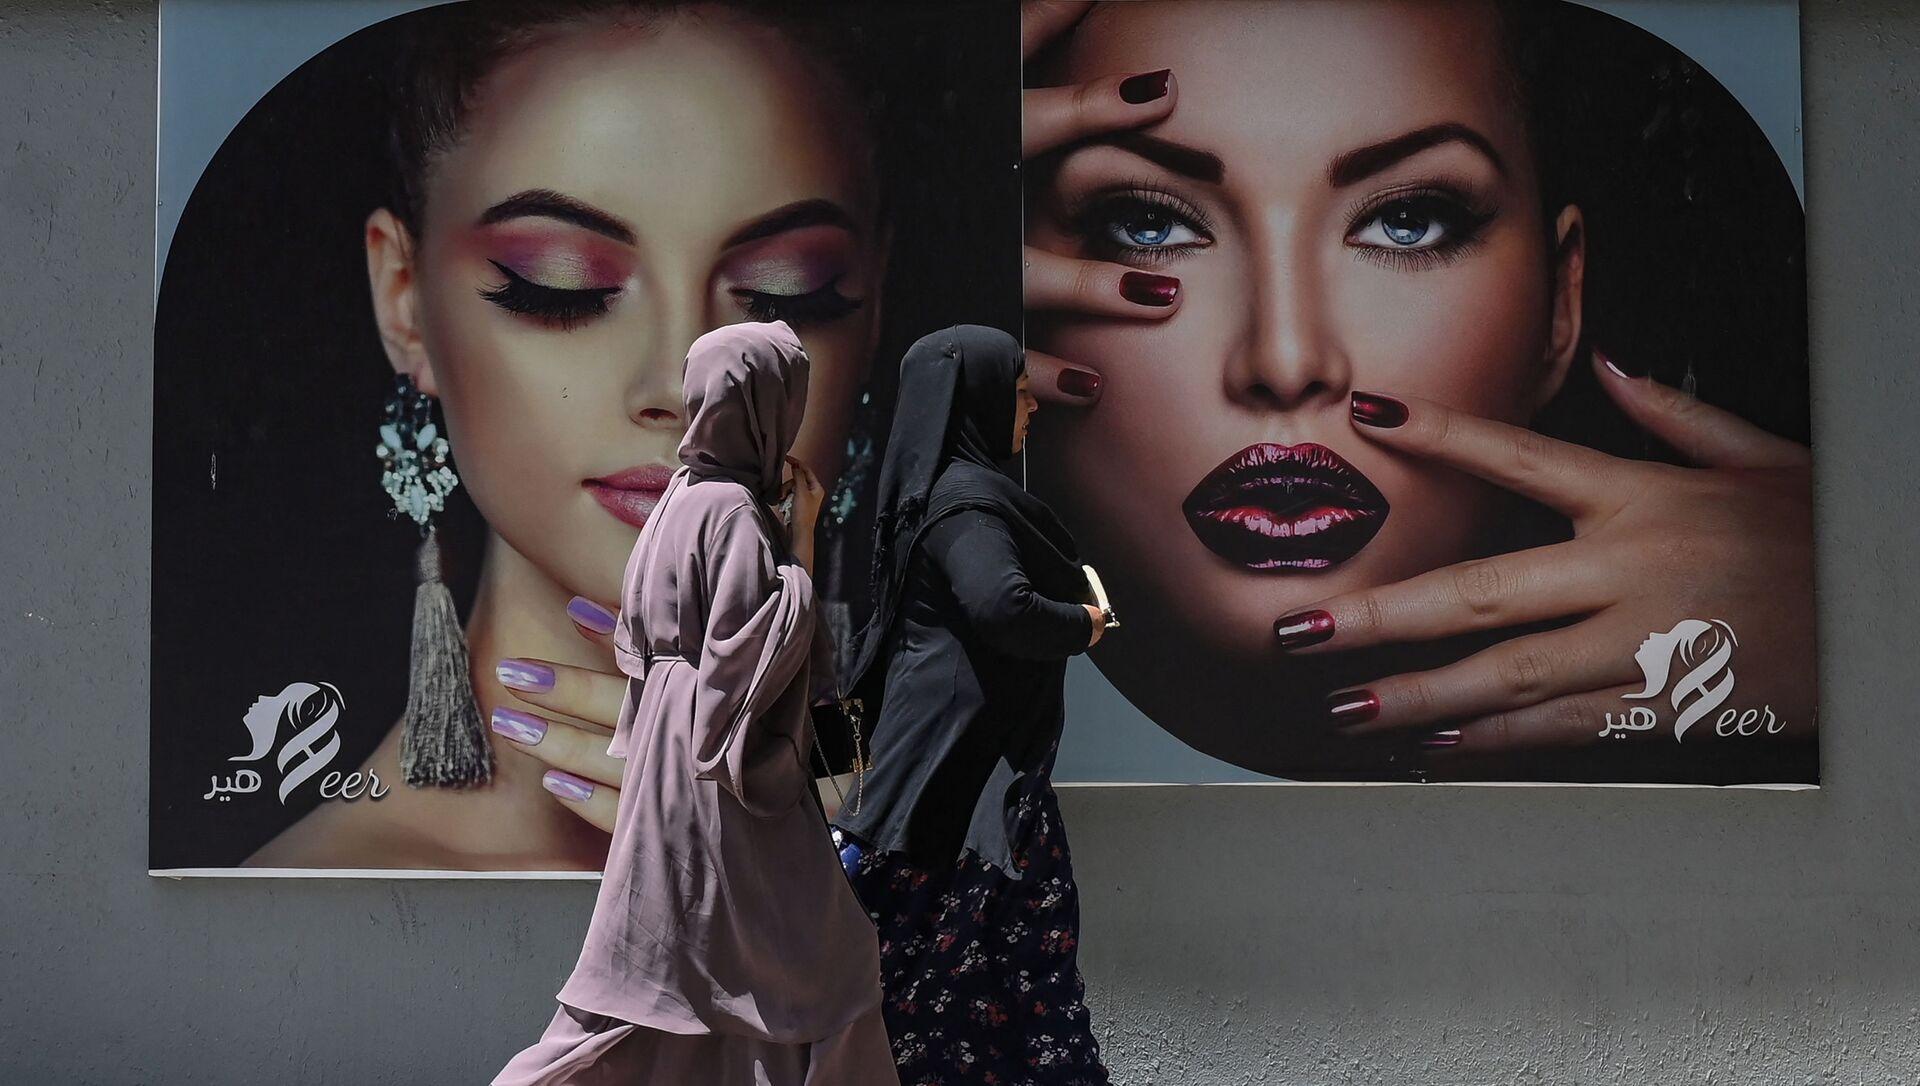 Des femmes portant des burqas à Kaboul, le 7 août 2021 - Sputnik France, 1920, 04.09.2021